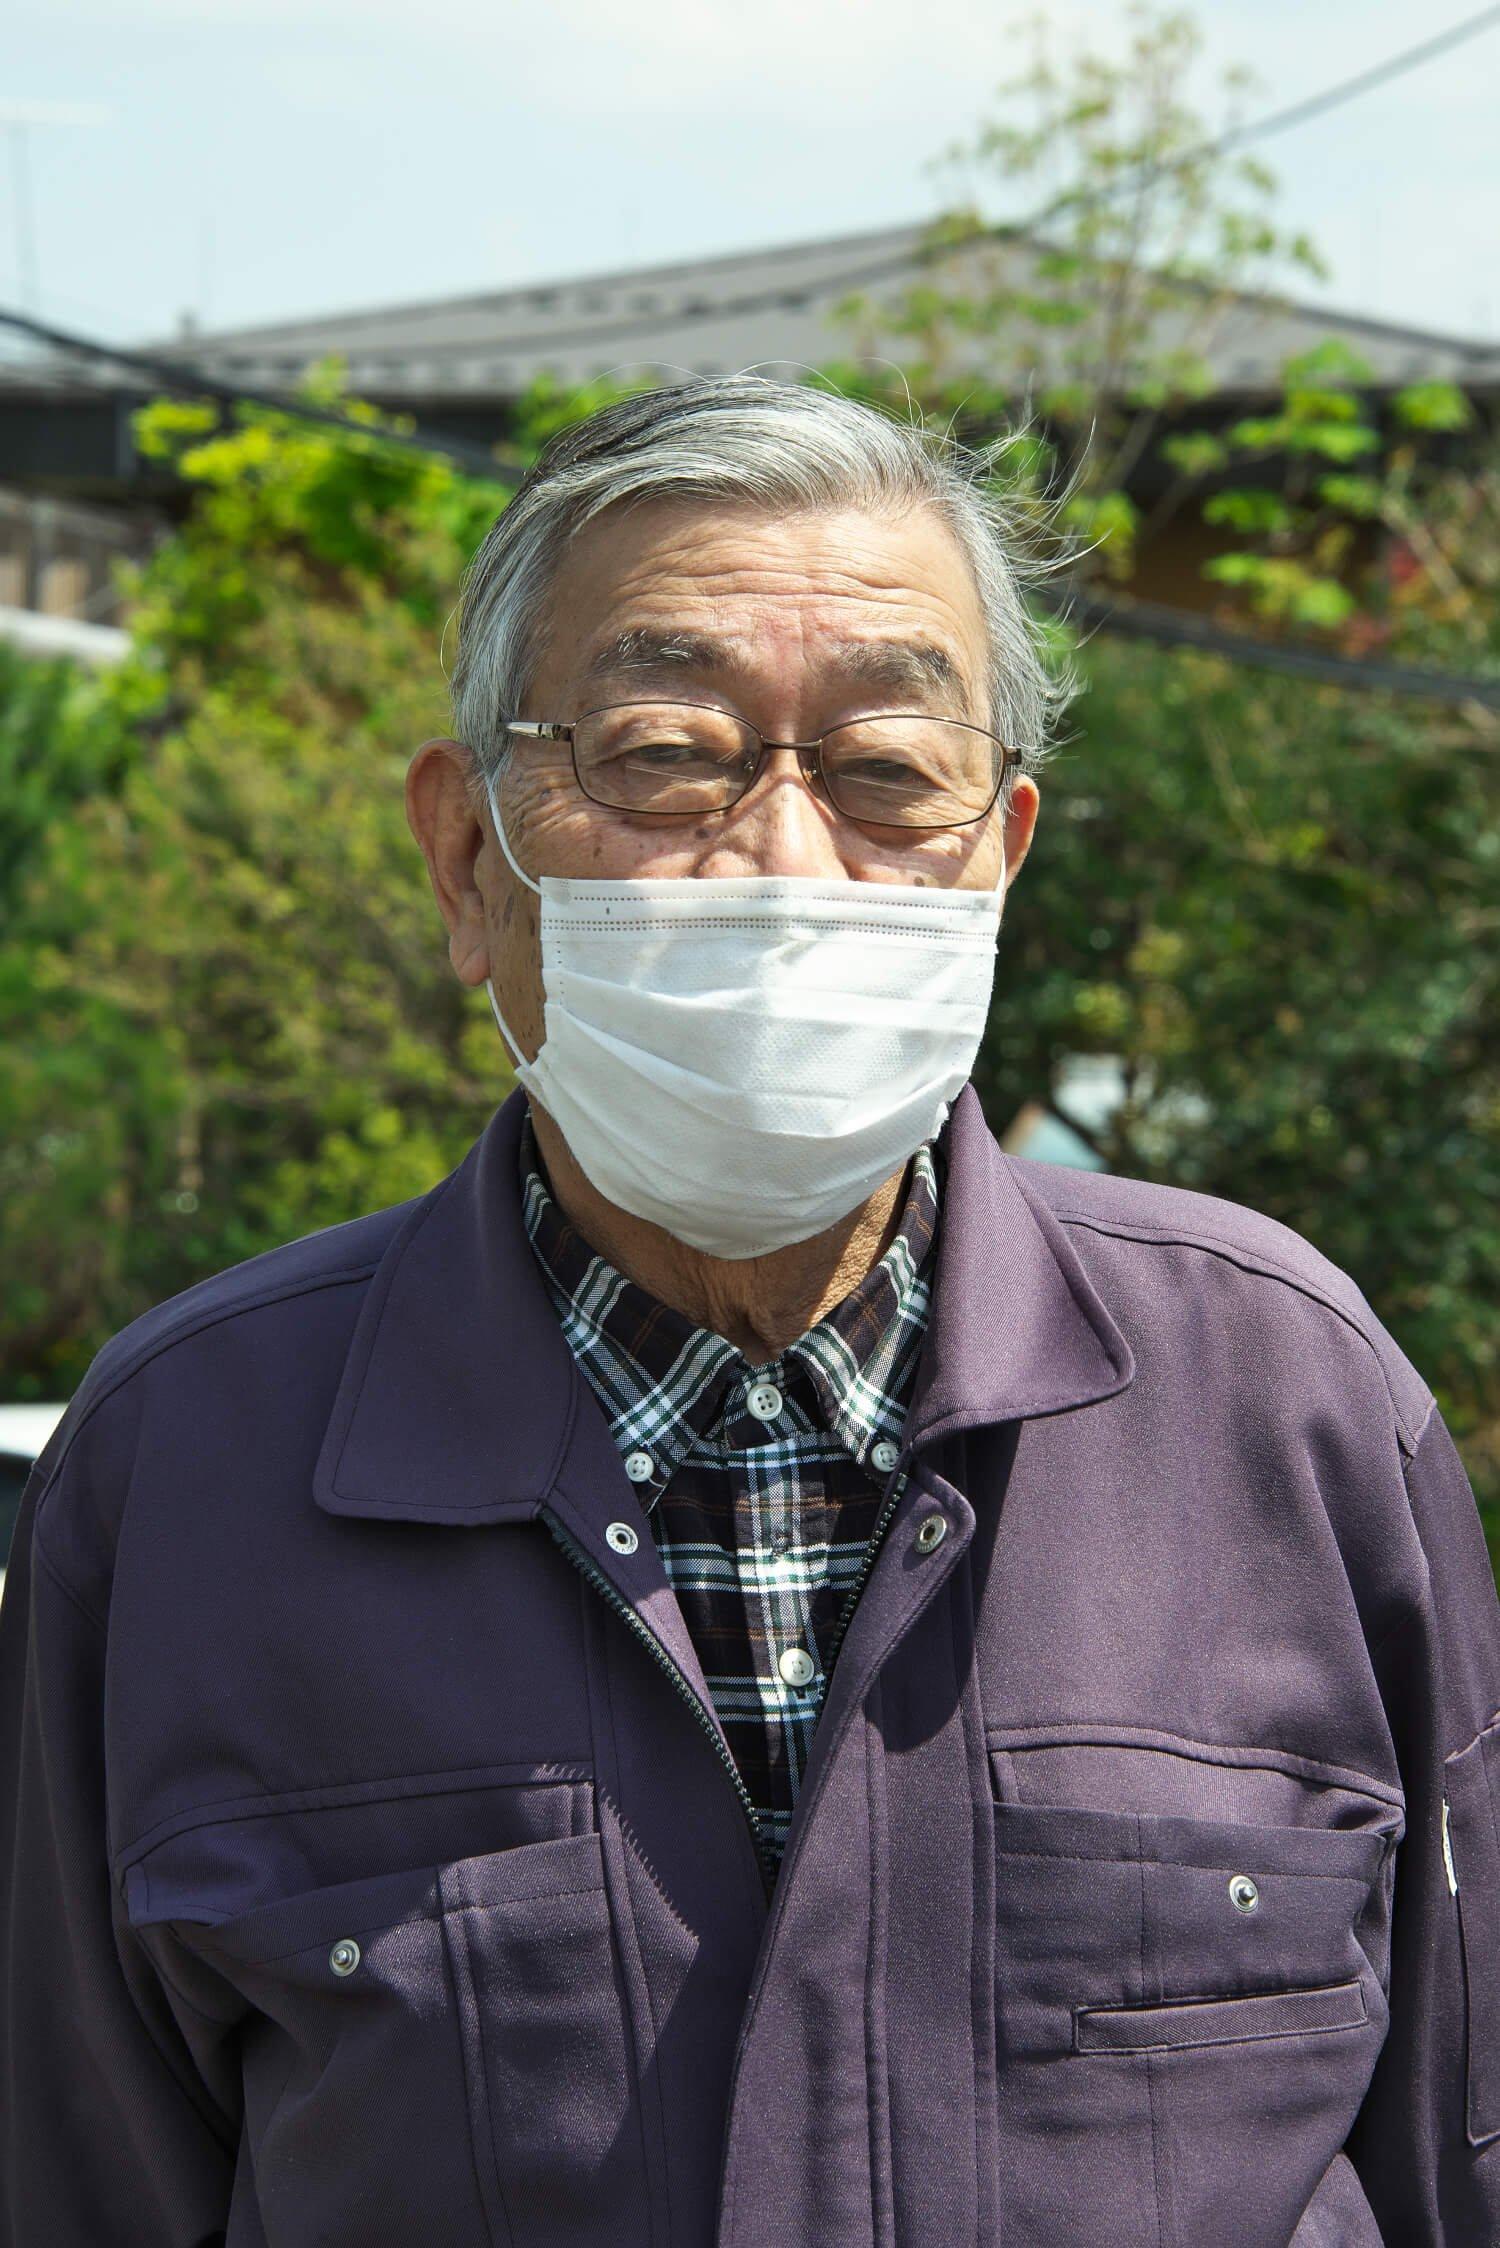 練馬区生まれの井上堯さん。中高生時代に陸上競技に励んでいたため聖火ランナーに。